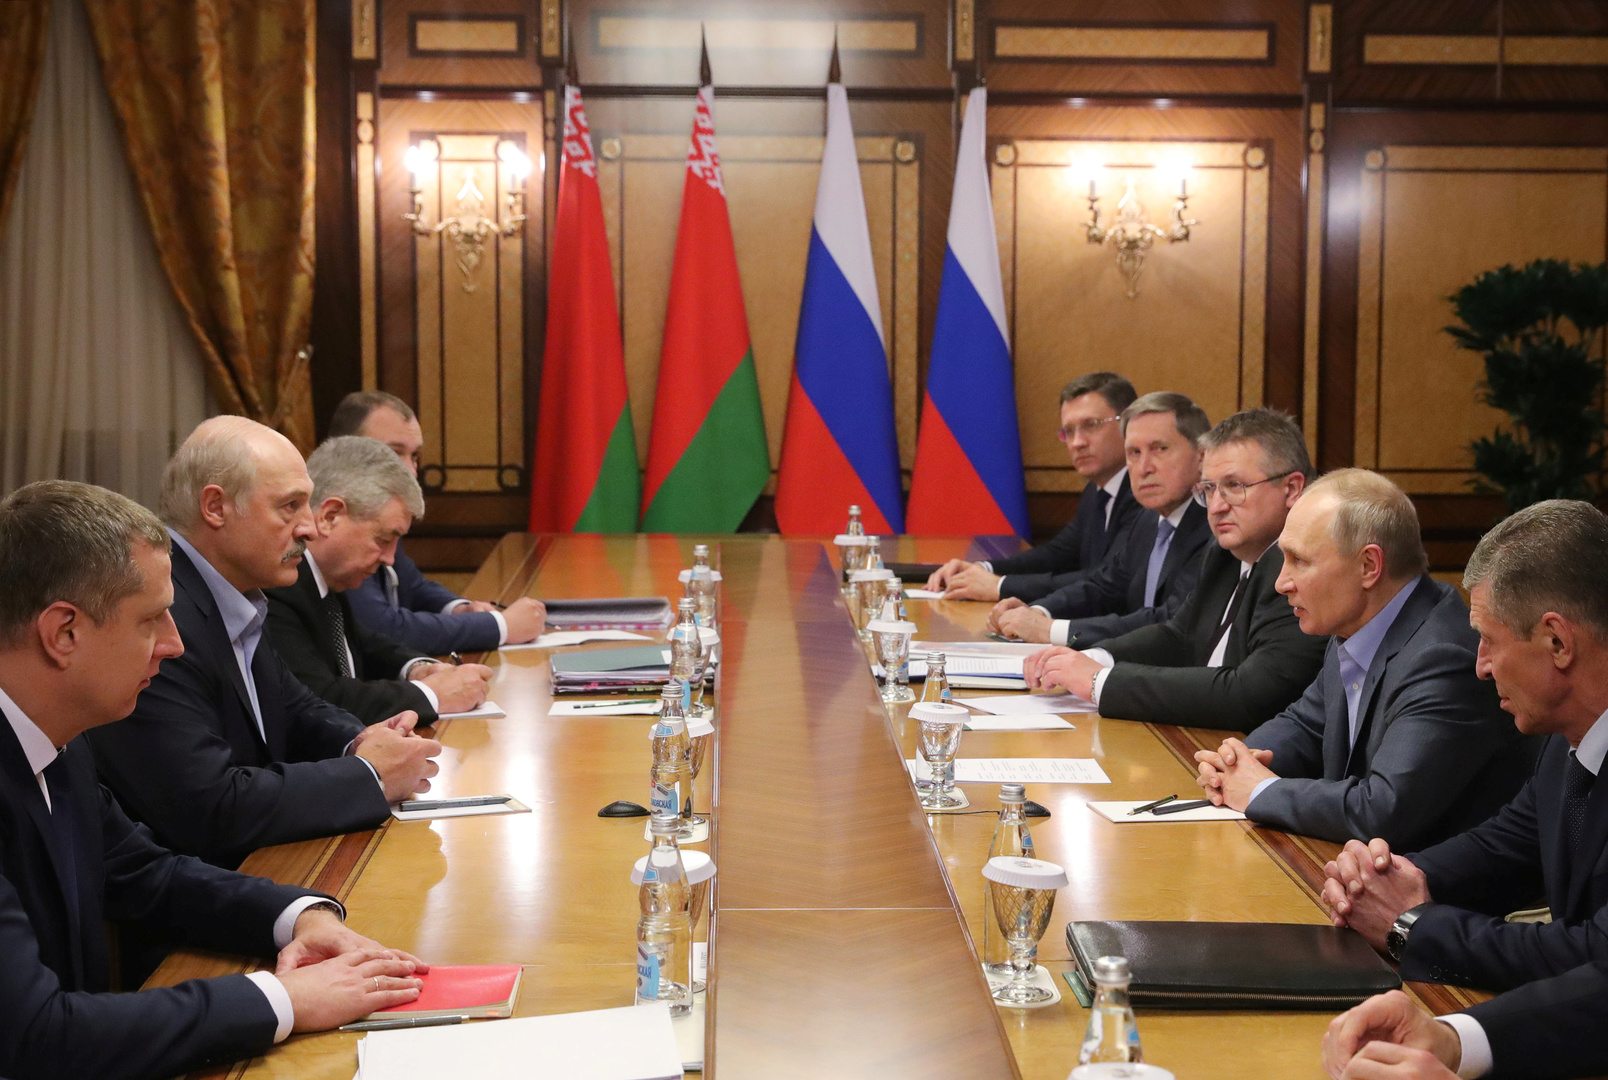 الرئيس الروسي بوتين يلتقي الرئيس البيلاروسي لوكاشينكو في سوتشي